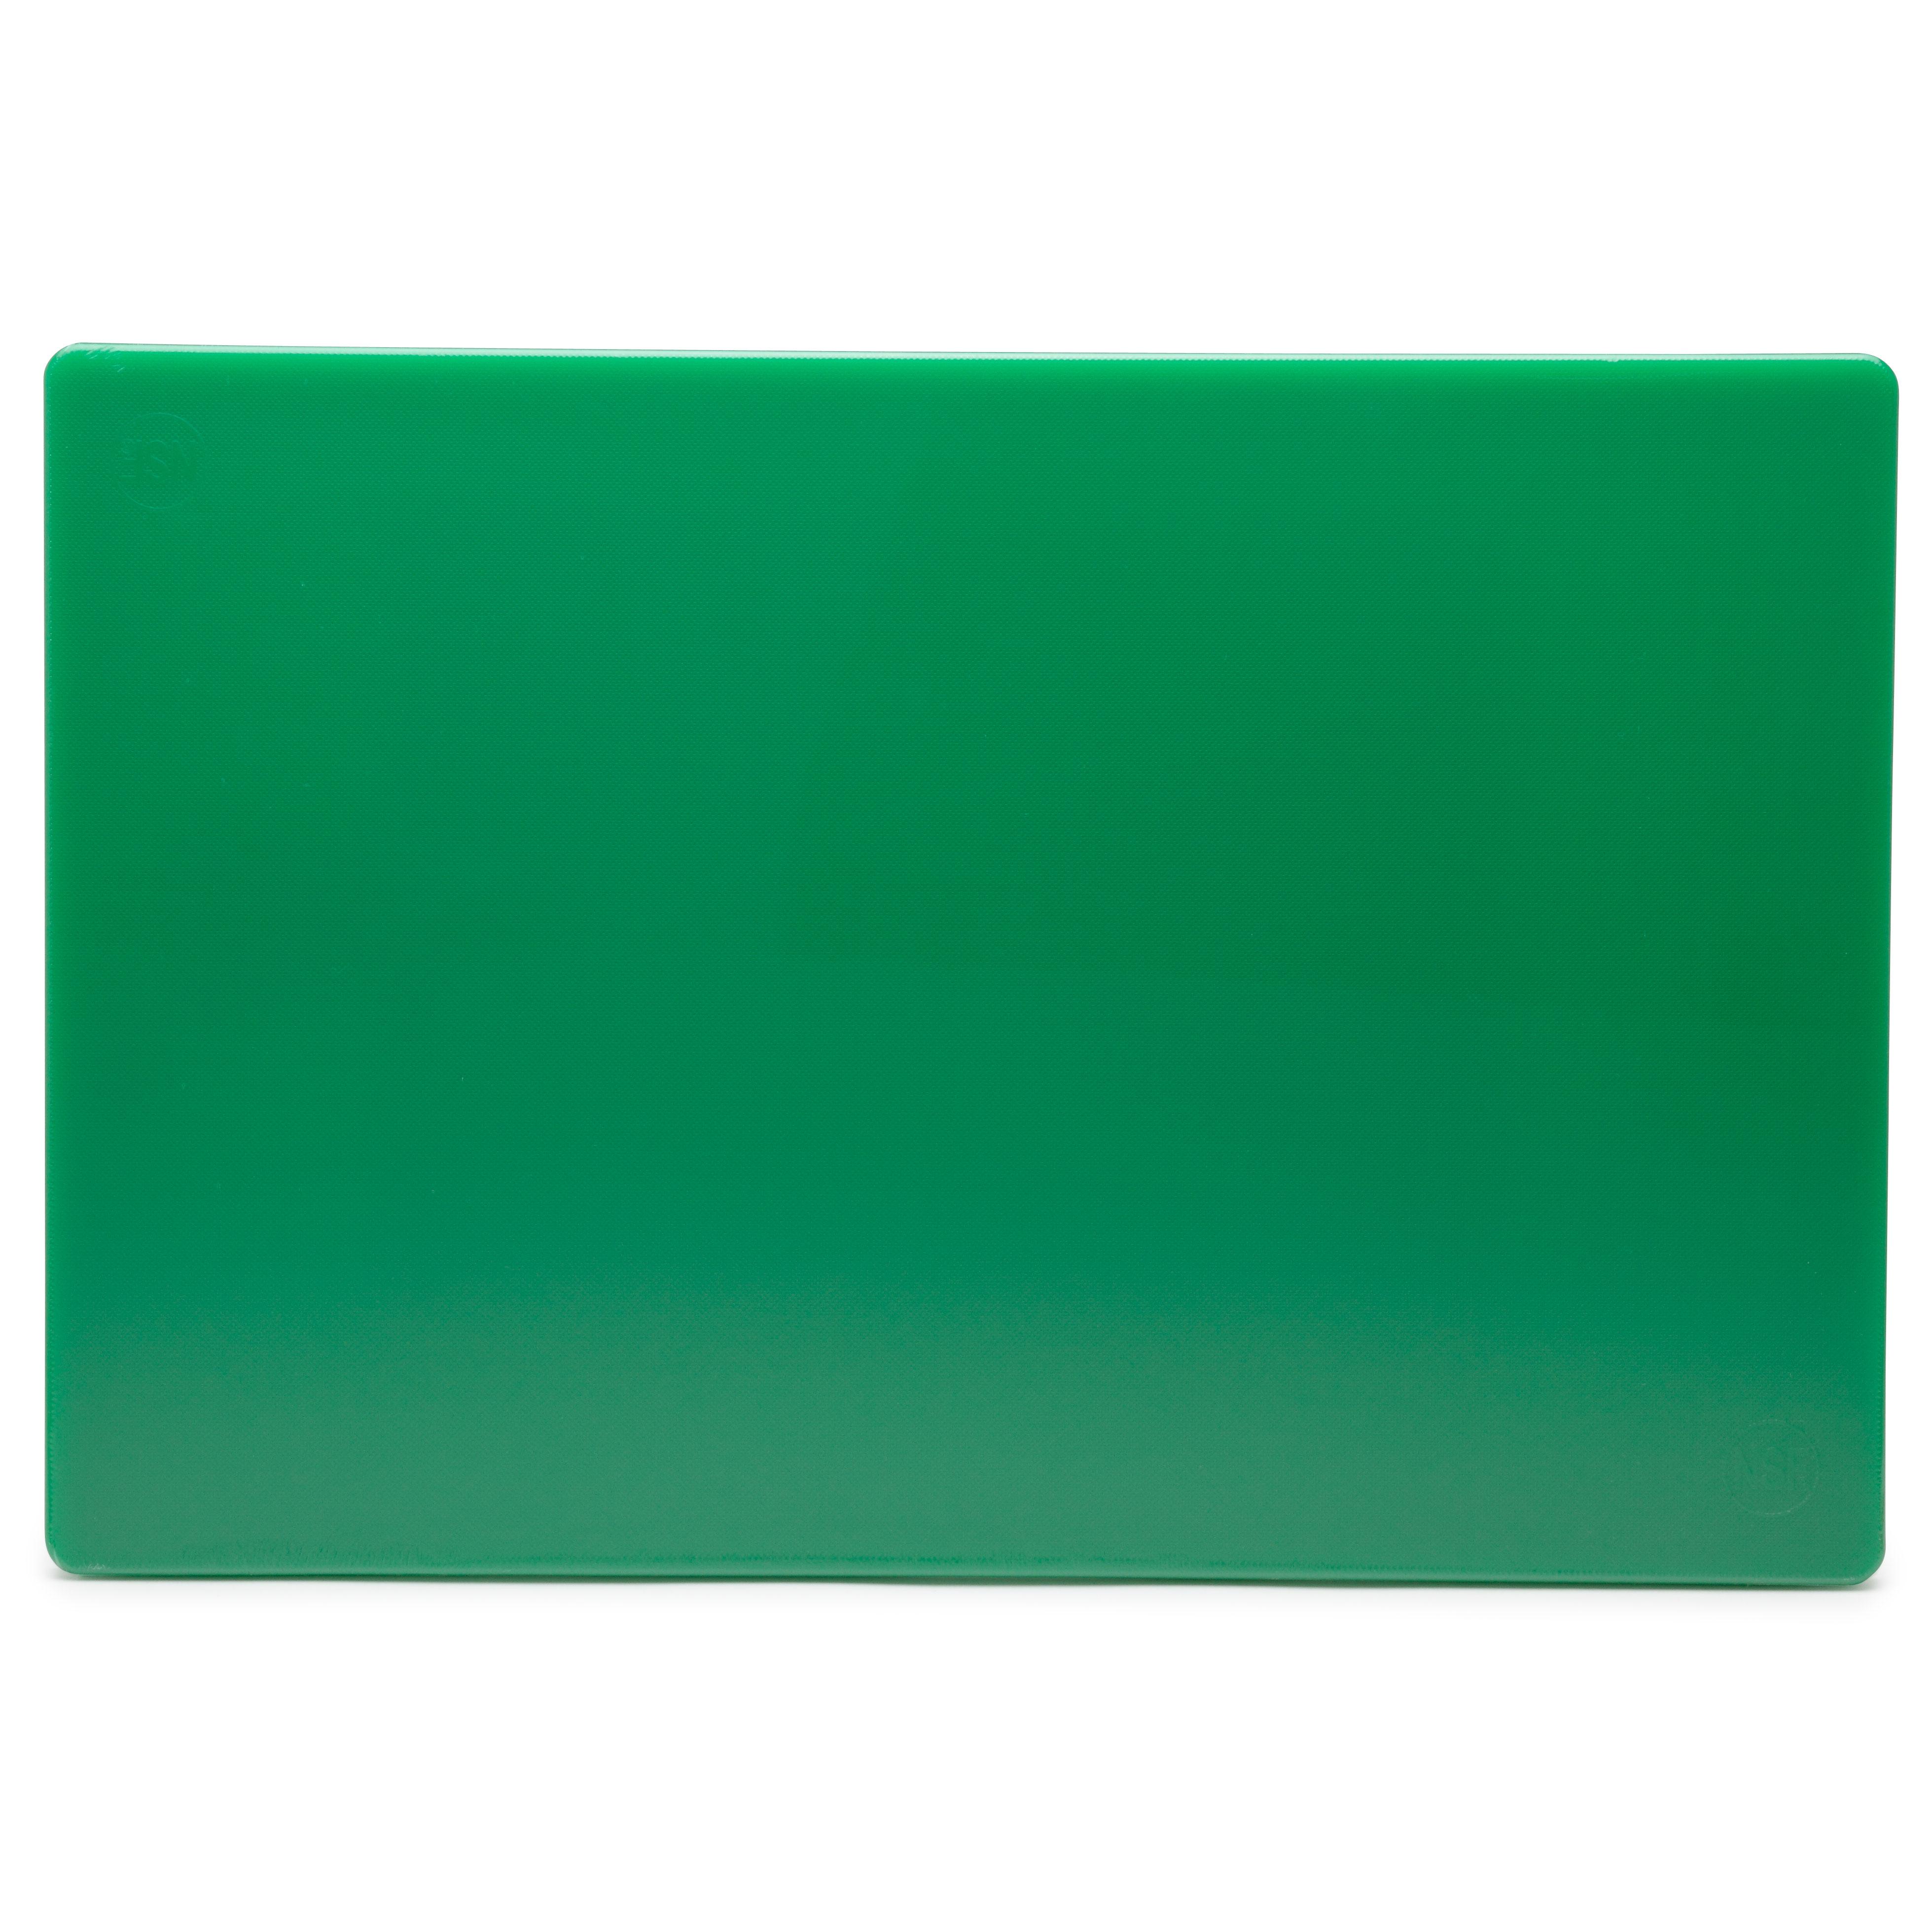 Royal Industries ROY CB 1218 G cutting board, plastic